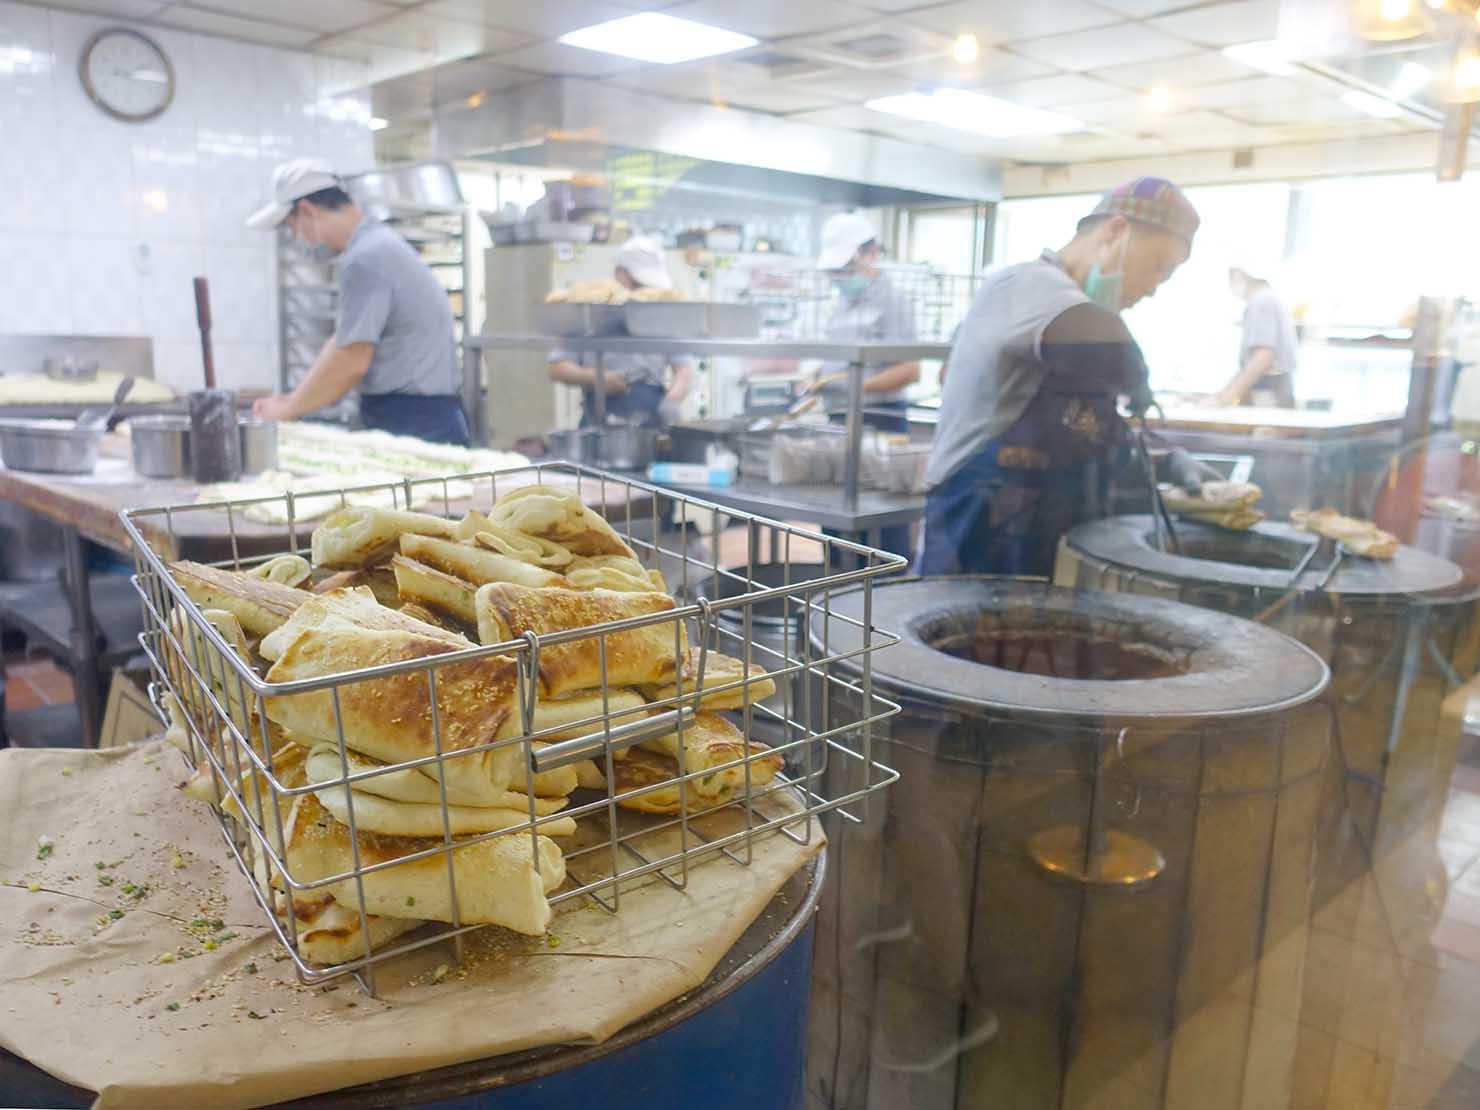 台北・善導寺のおすすめグルメ店「阜杭豆漿」の厨房